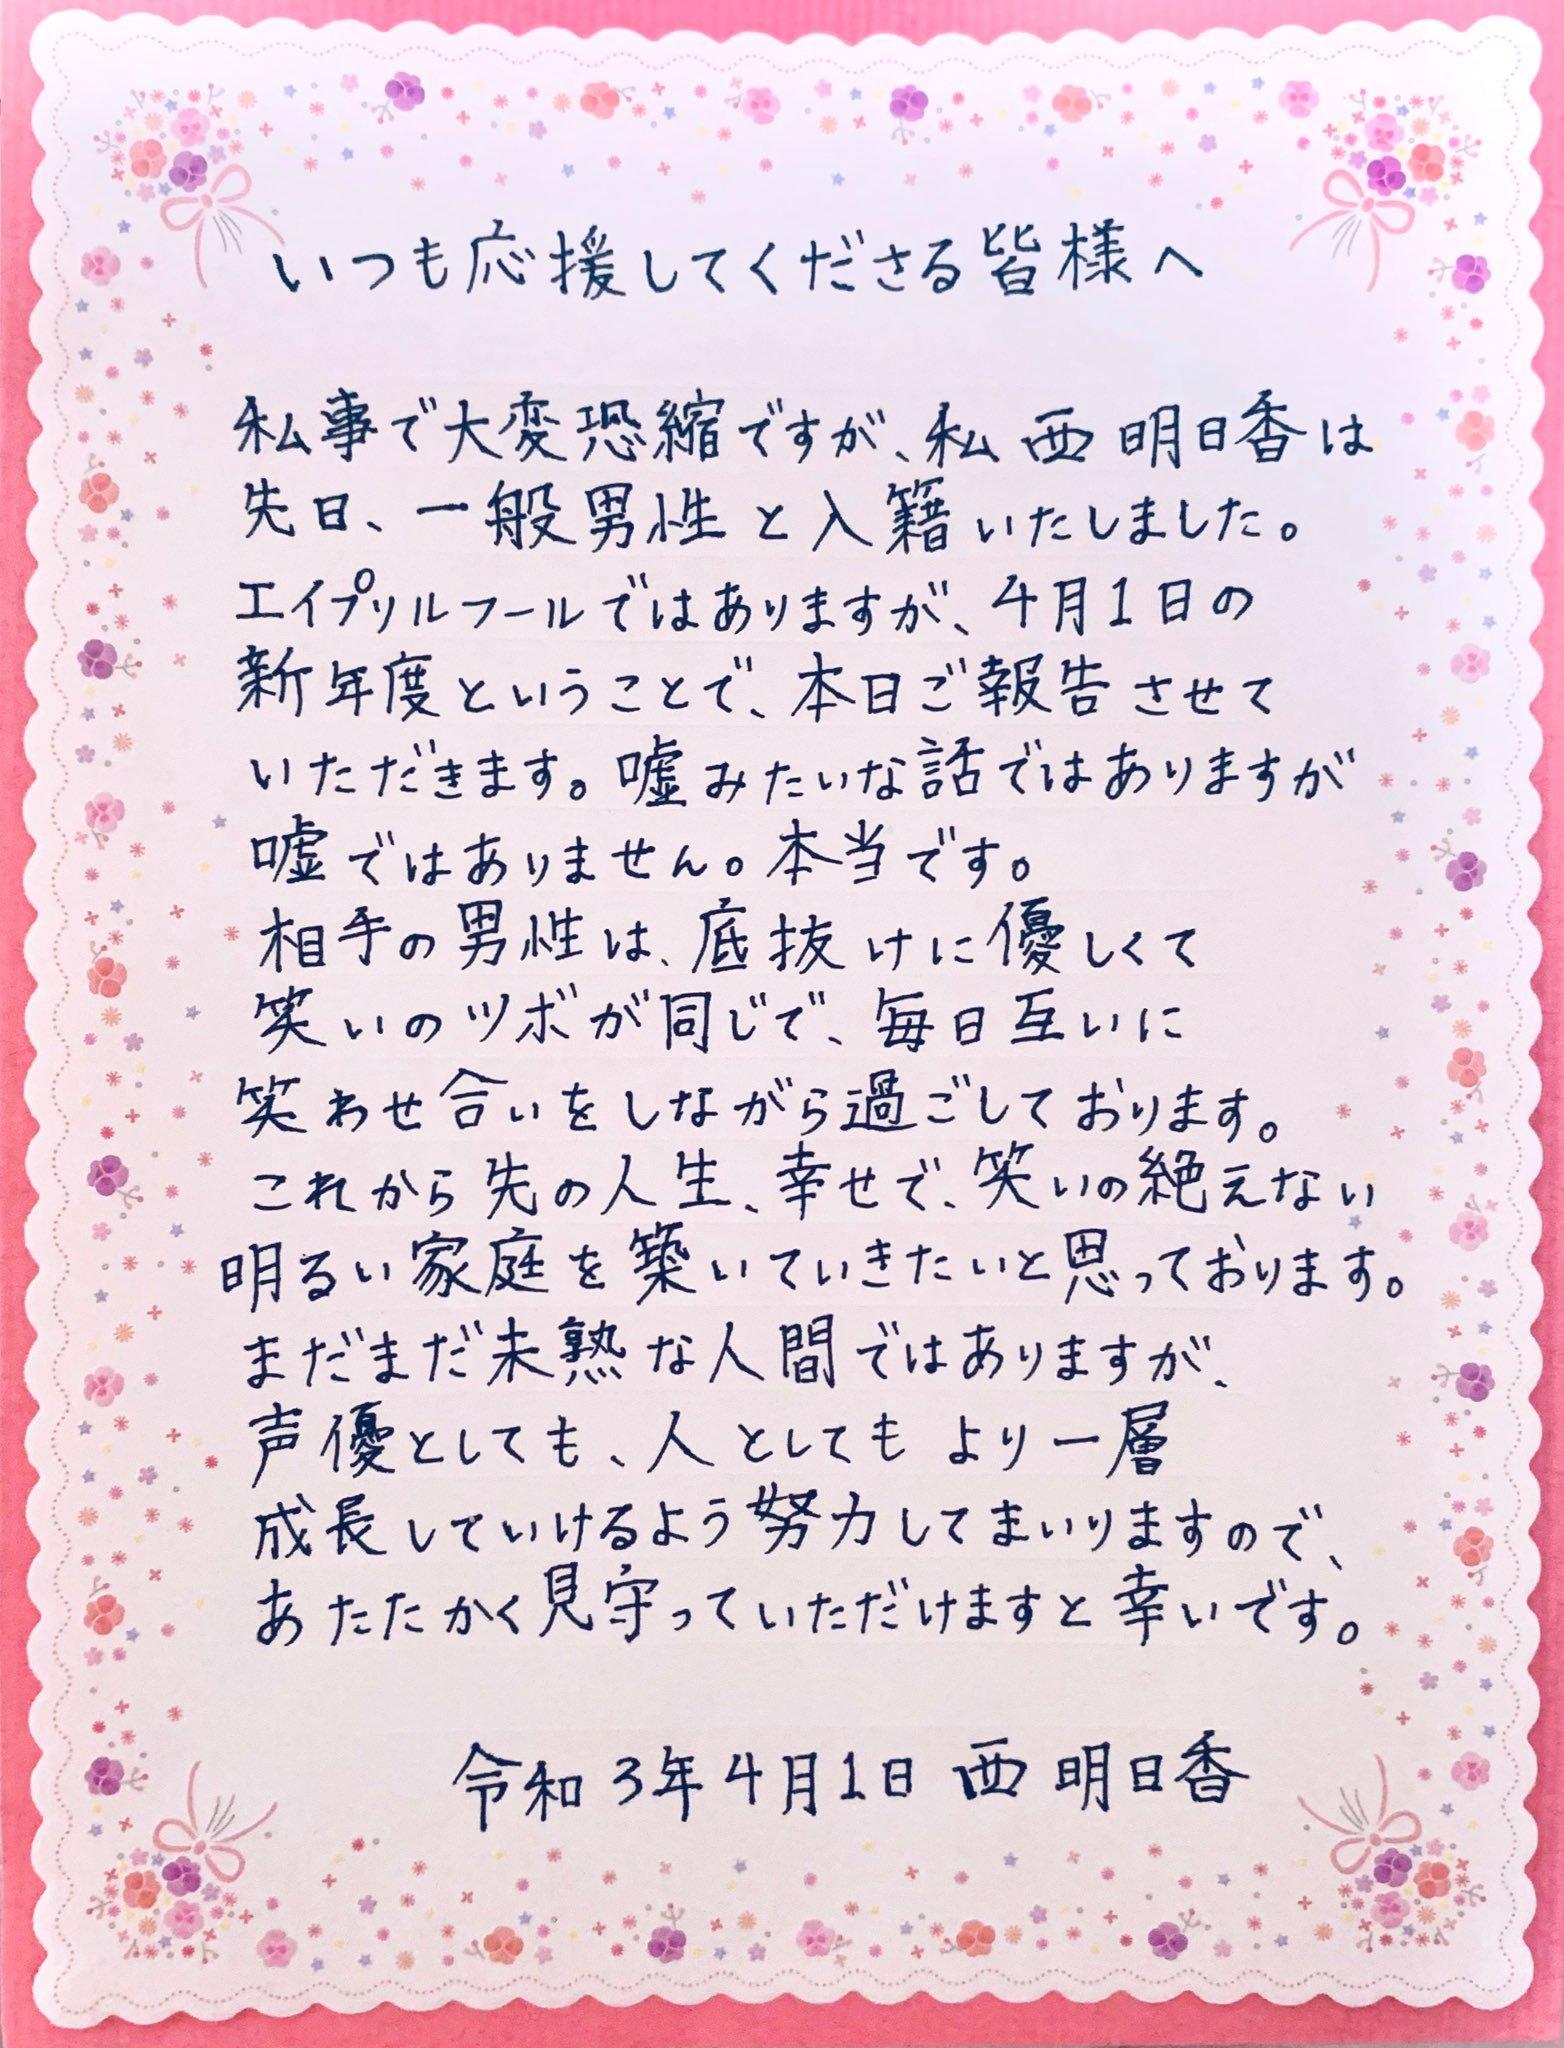 声优・西明日香宣布结婚消息,对象为一般男性。- ACG17.COM